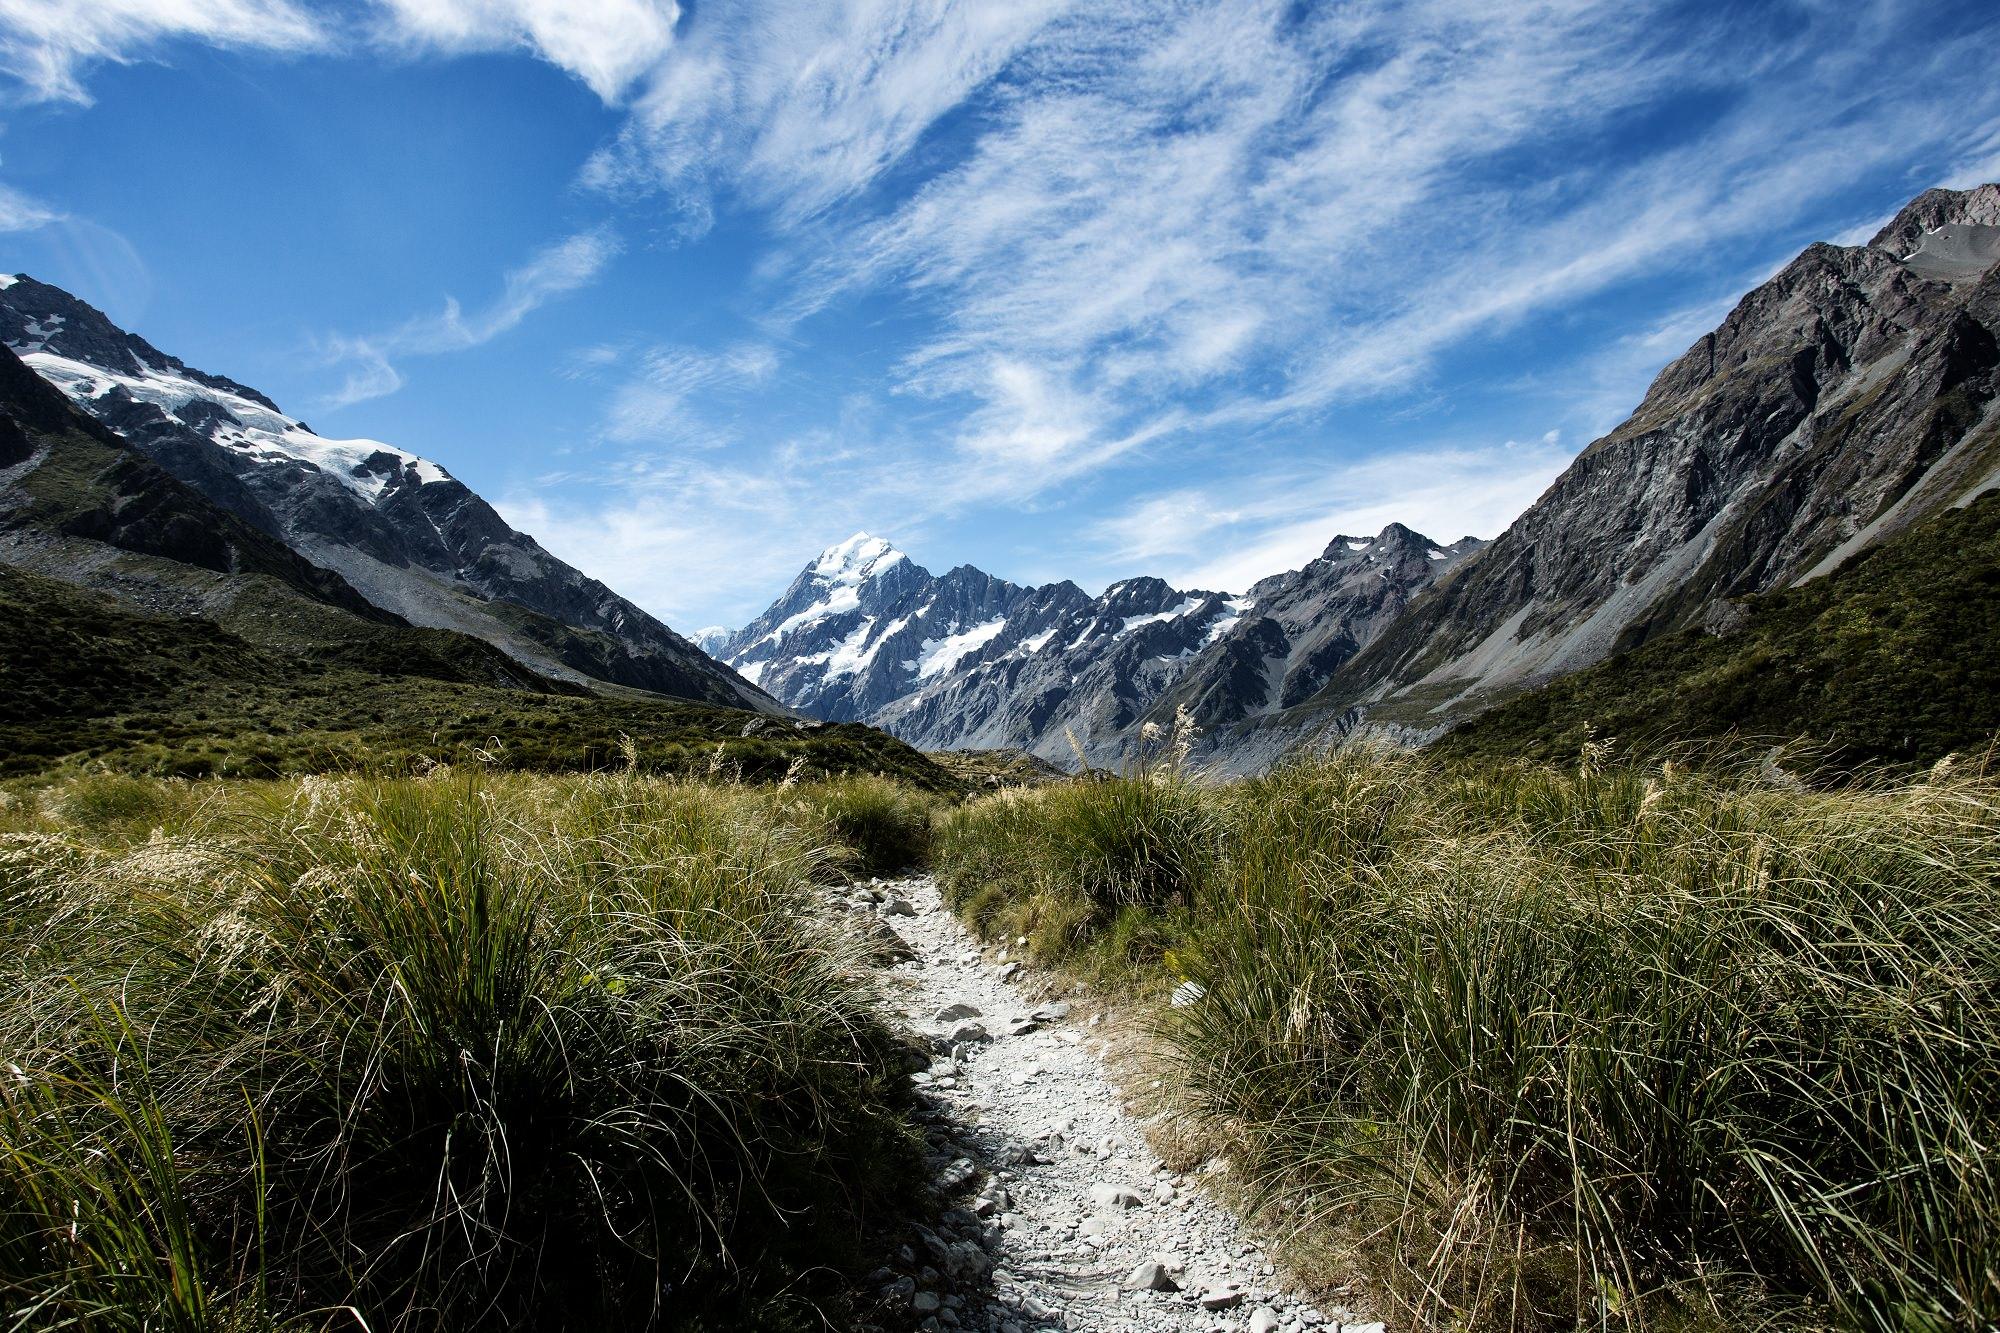 Aoraki / Mount Cook National Park